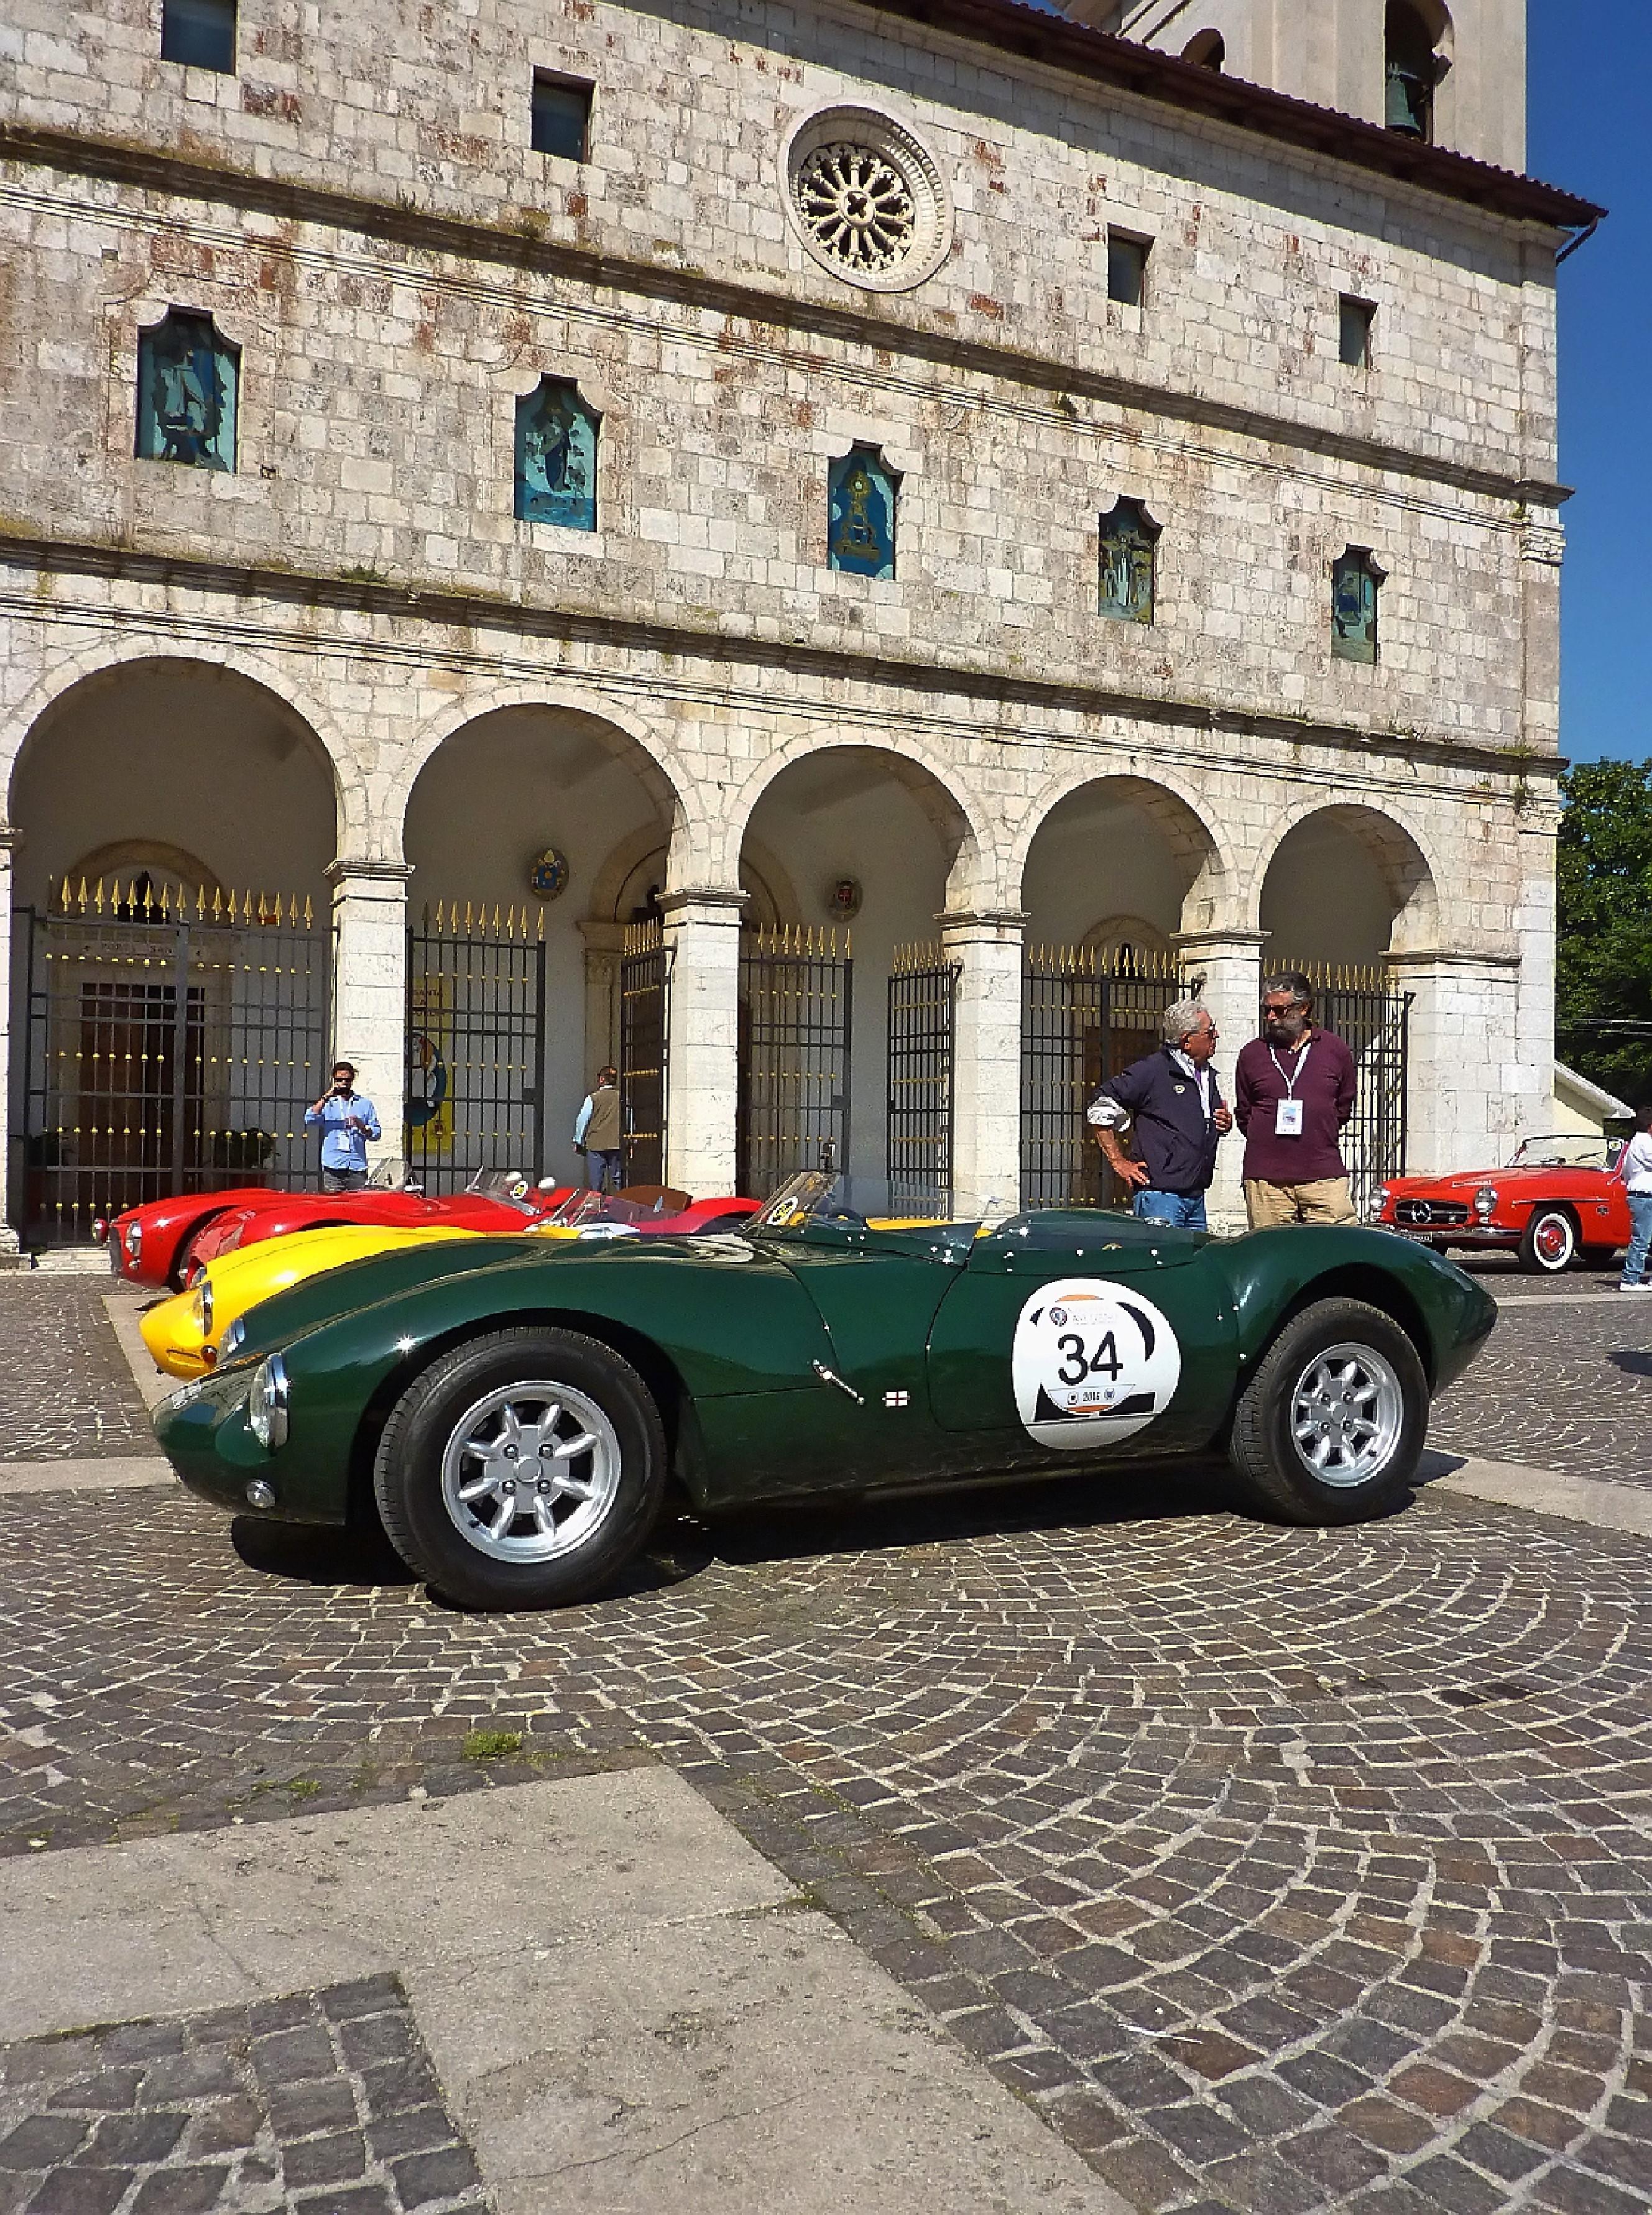 4th Circuito Di Avezzano (131)